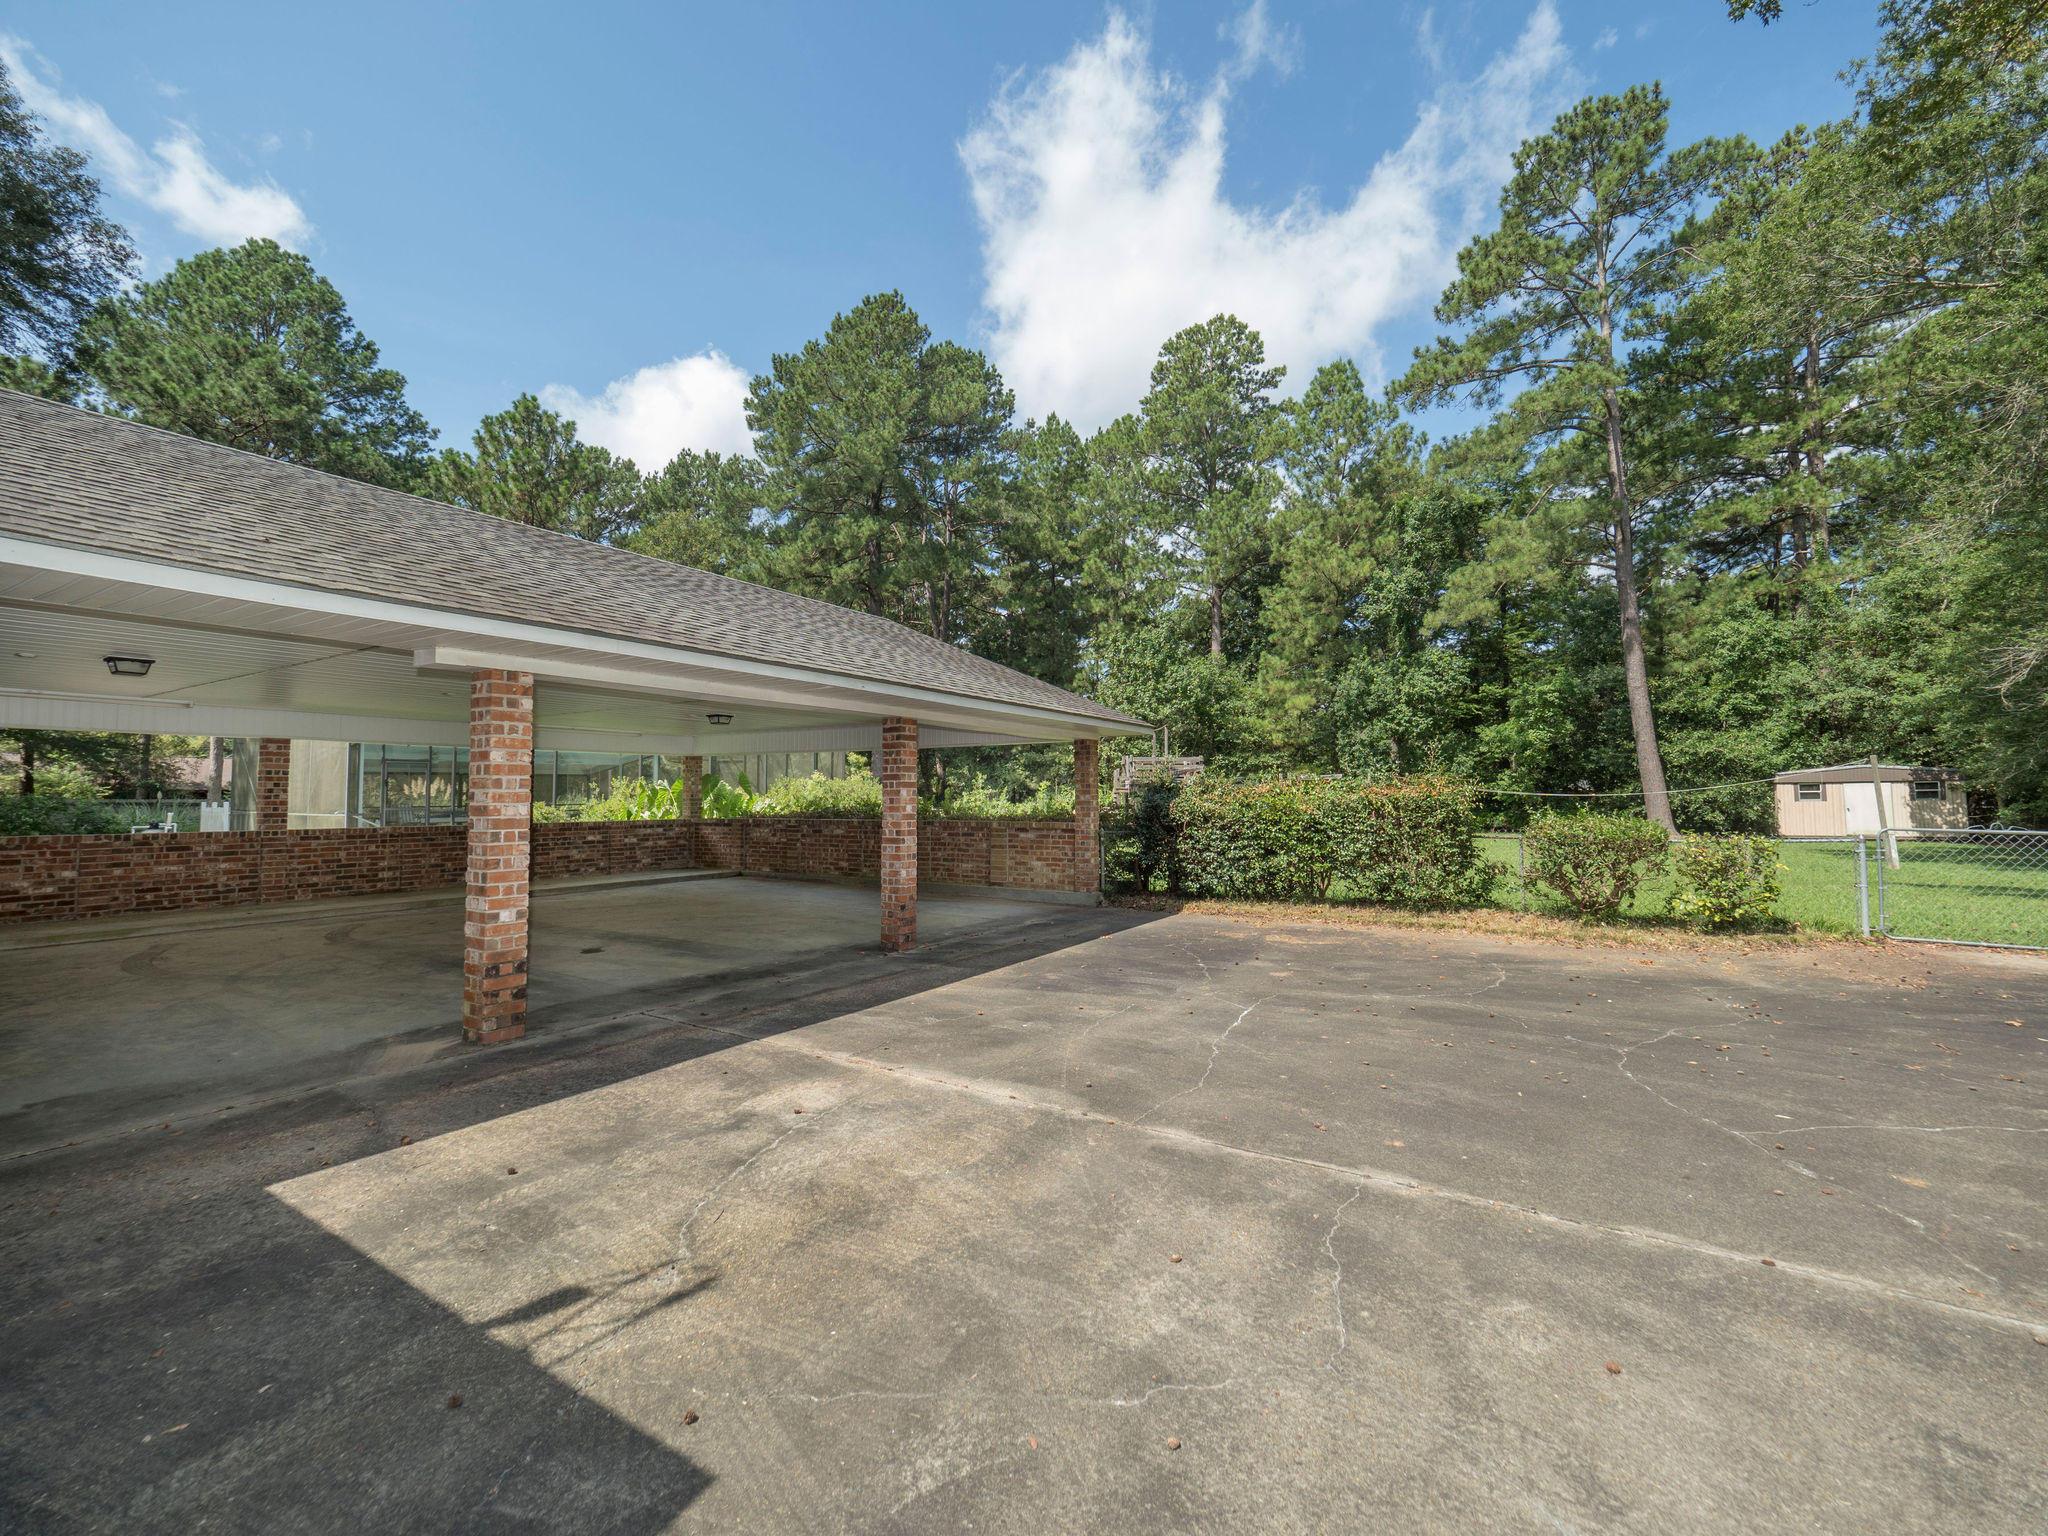 DeRidder home for sale, 177 Cathy Dr, DeRidder LA - $339,500